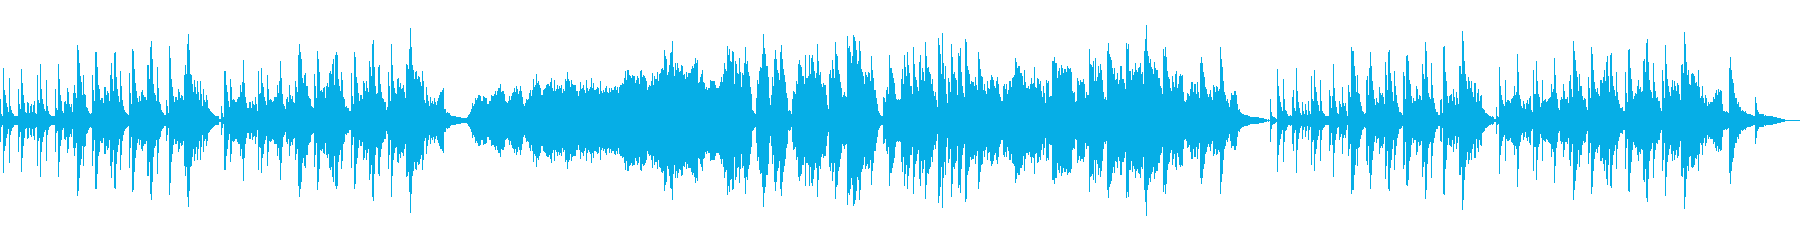 リラックスした雰囲気のBGMの再生済みの波形